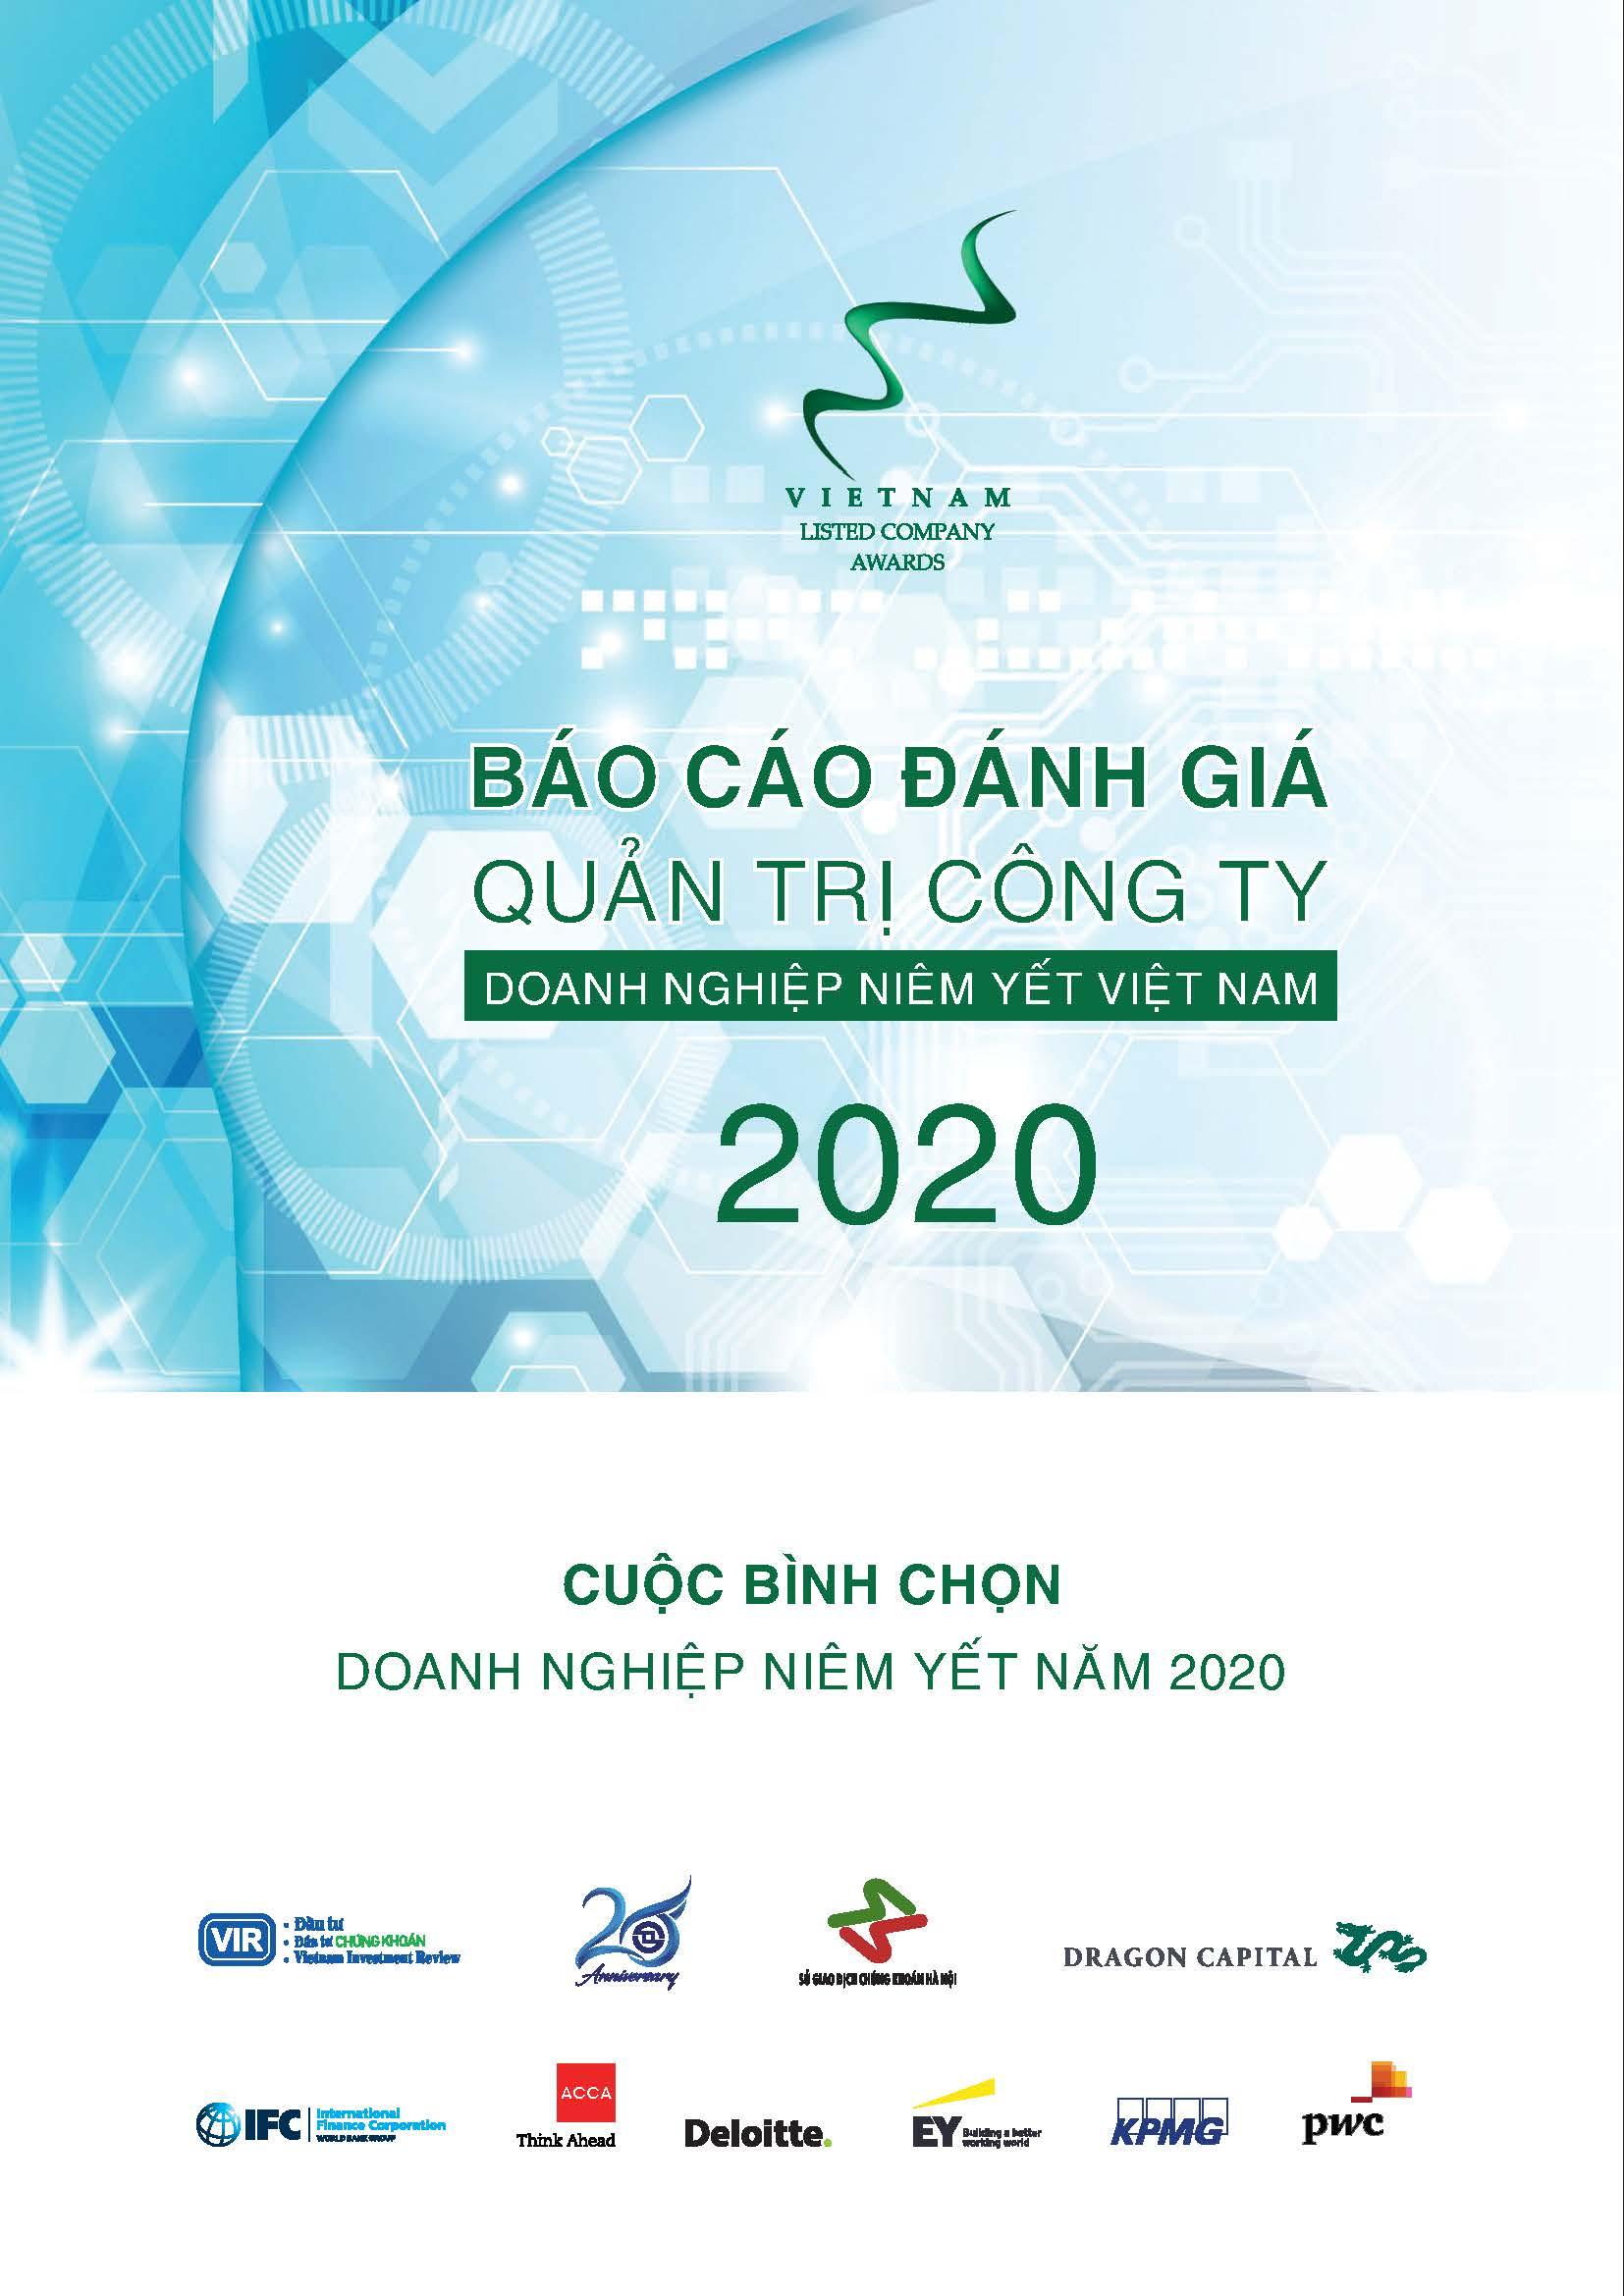 BÁO CÁO ĐÁNH GIÁ QUẢN TRỊ CÔNG TY – DOANH NGHIỆP NIÊM YẾT 2020